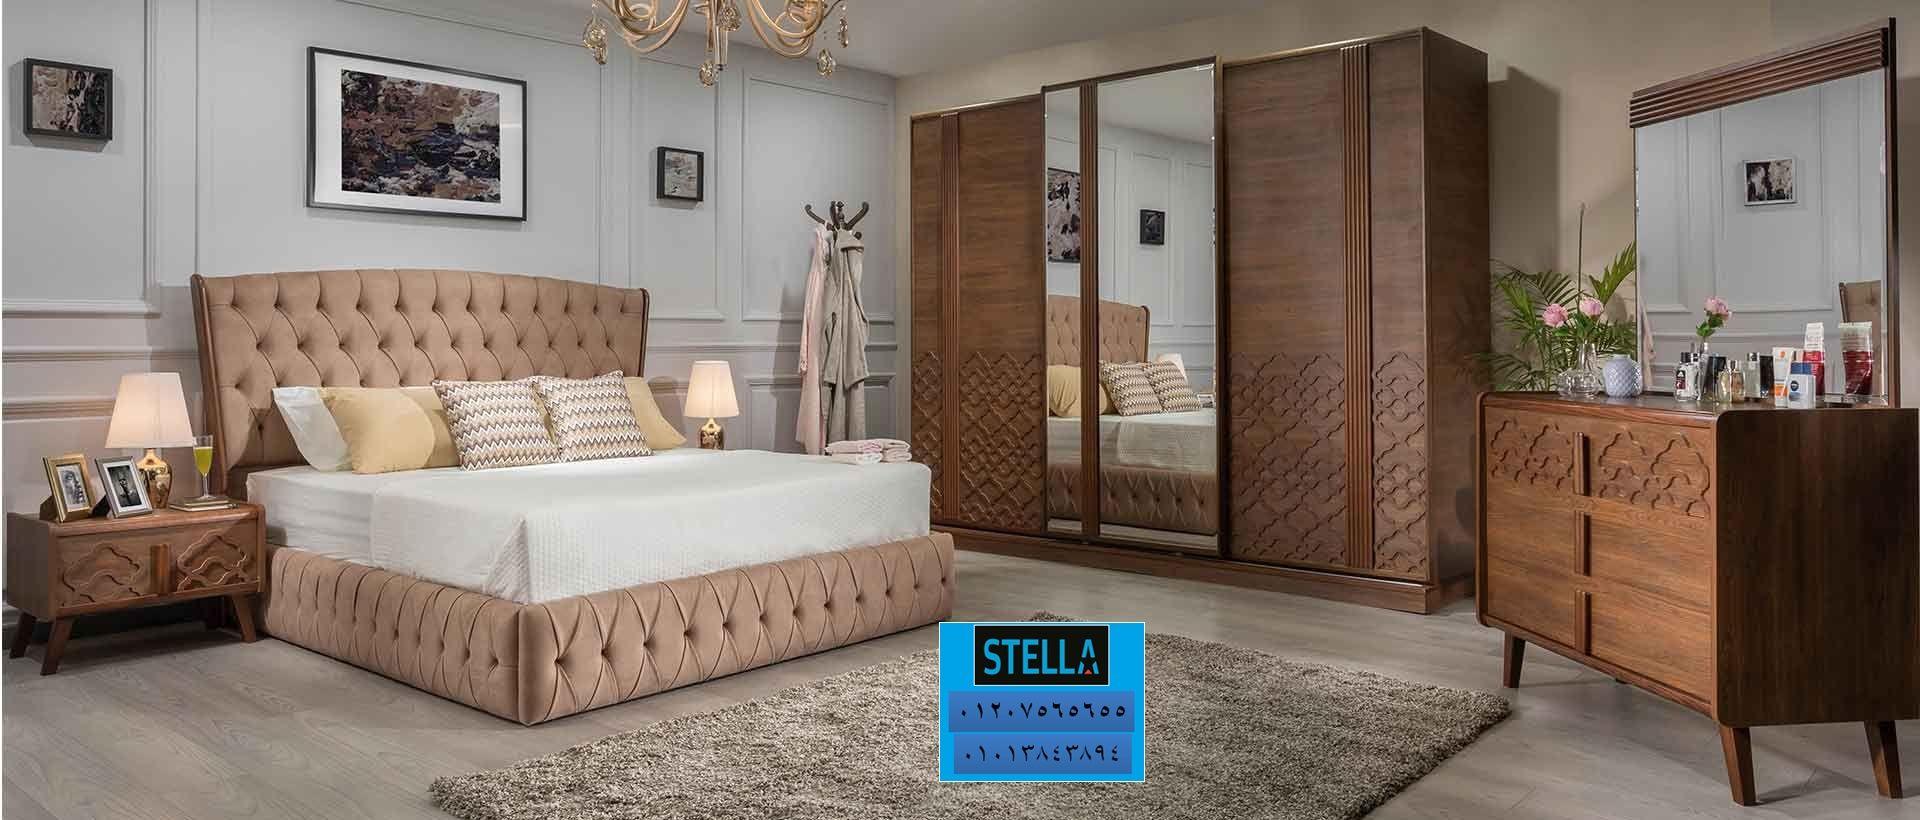 افضل 100 تصميم غرف نوم للعرسان مودرن Best 100 Bedrooms Design Home Decor Home Decor